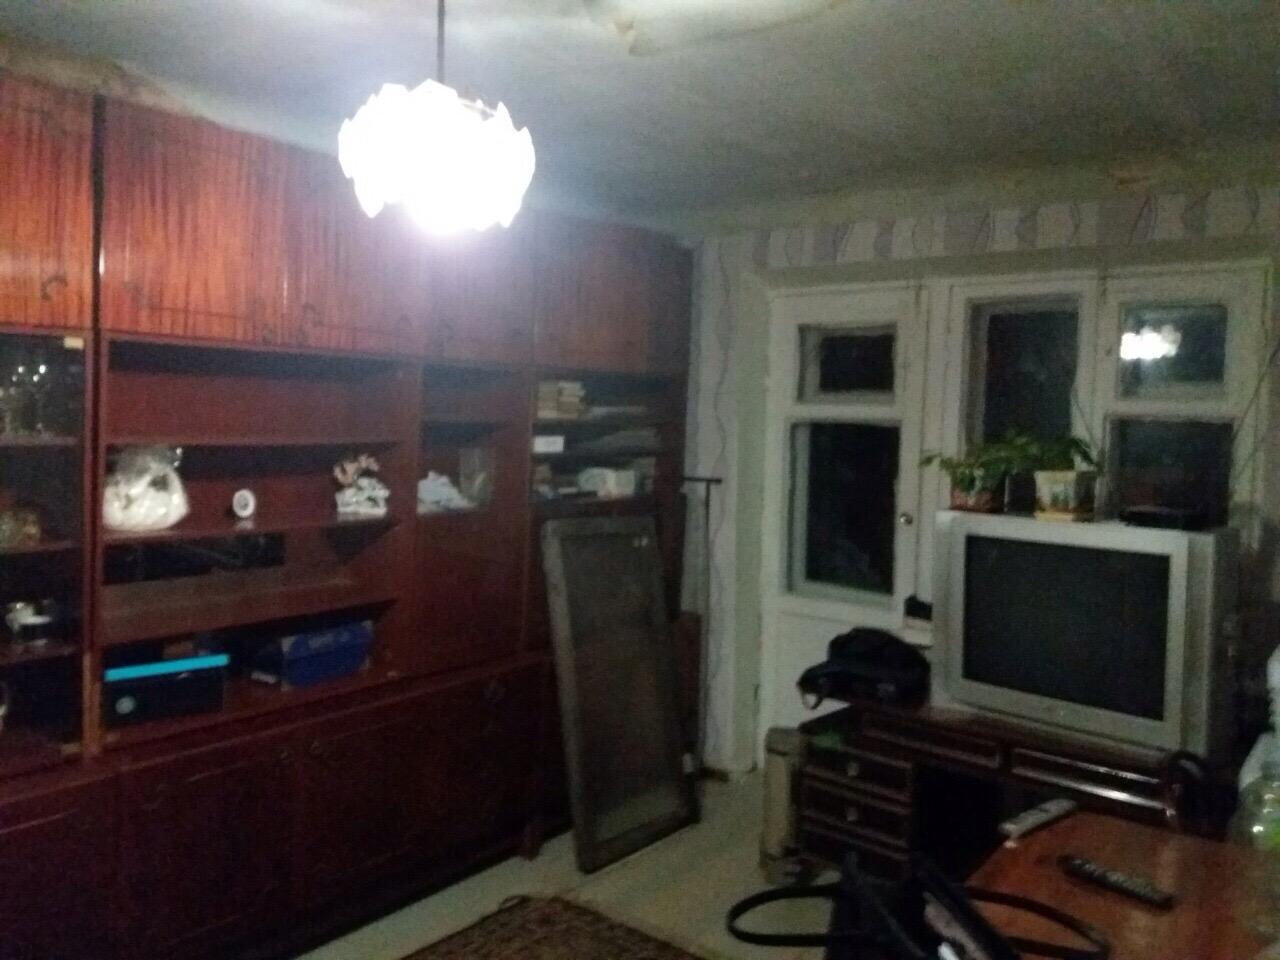 Продам квартиру Орловская ул., 35, Ленинский р-н, Днепр (Днепропетровск)